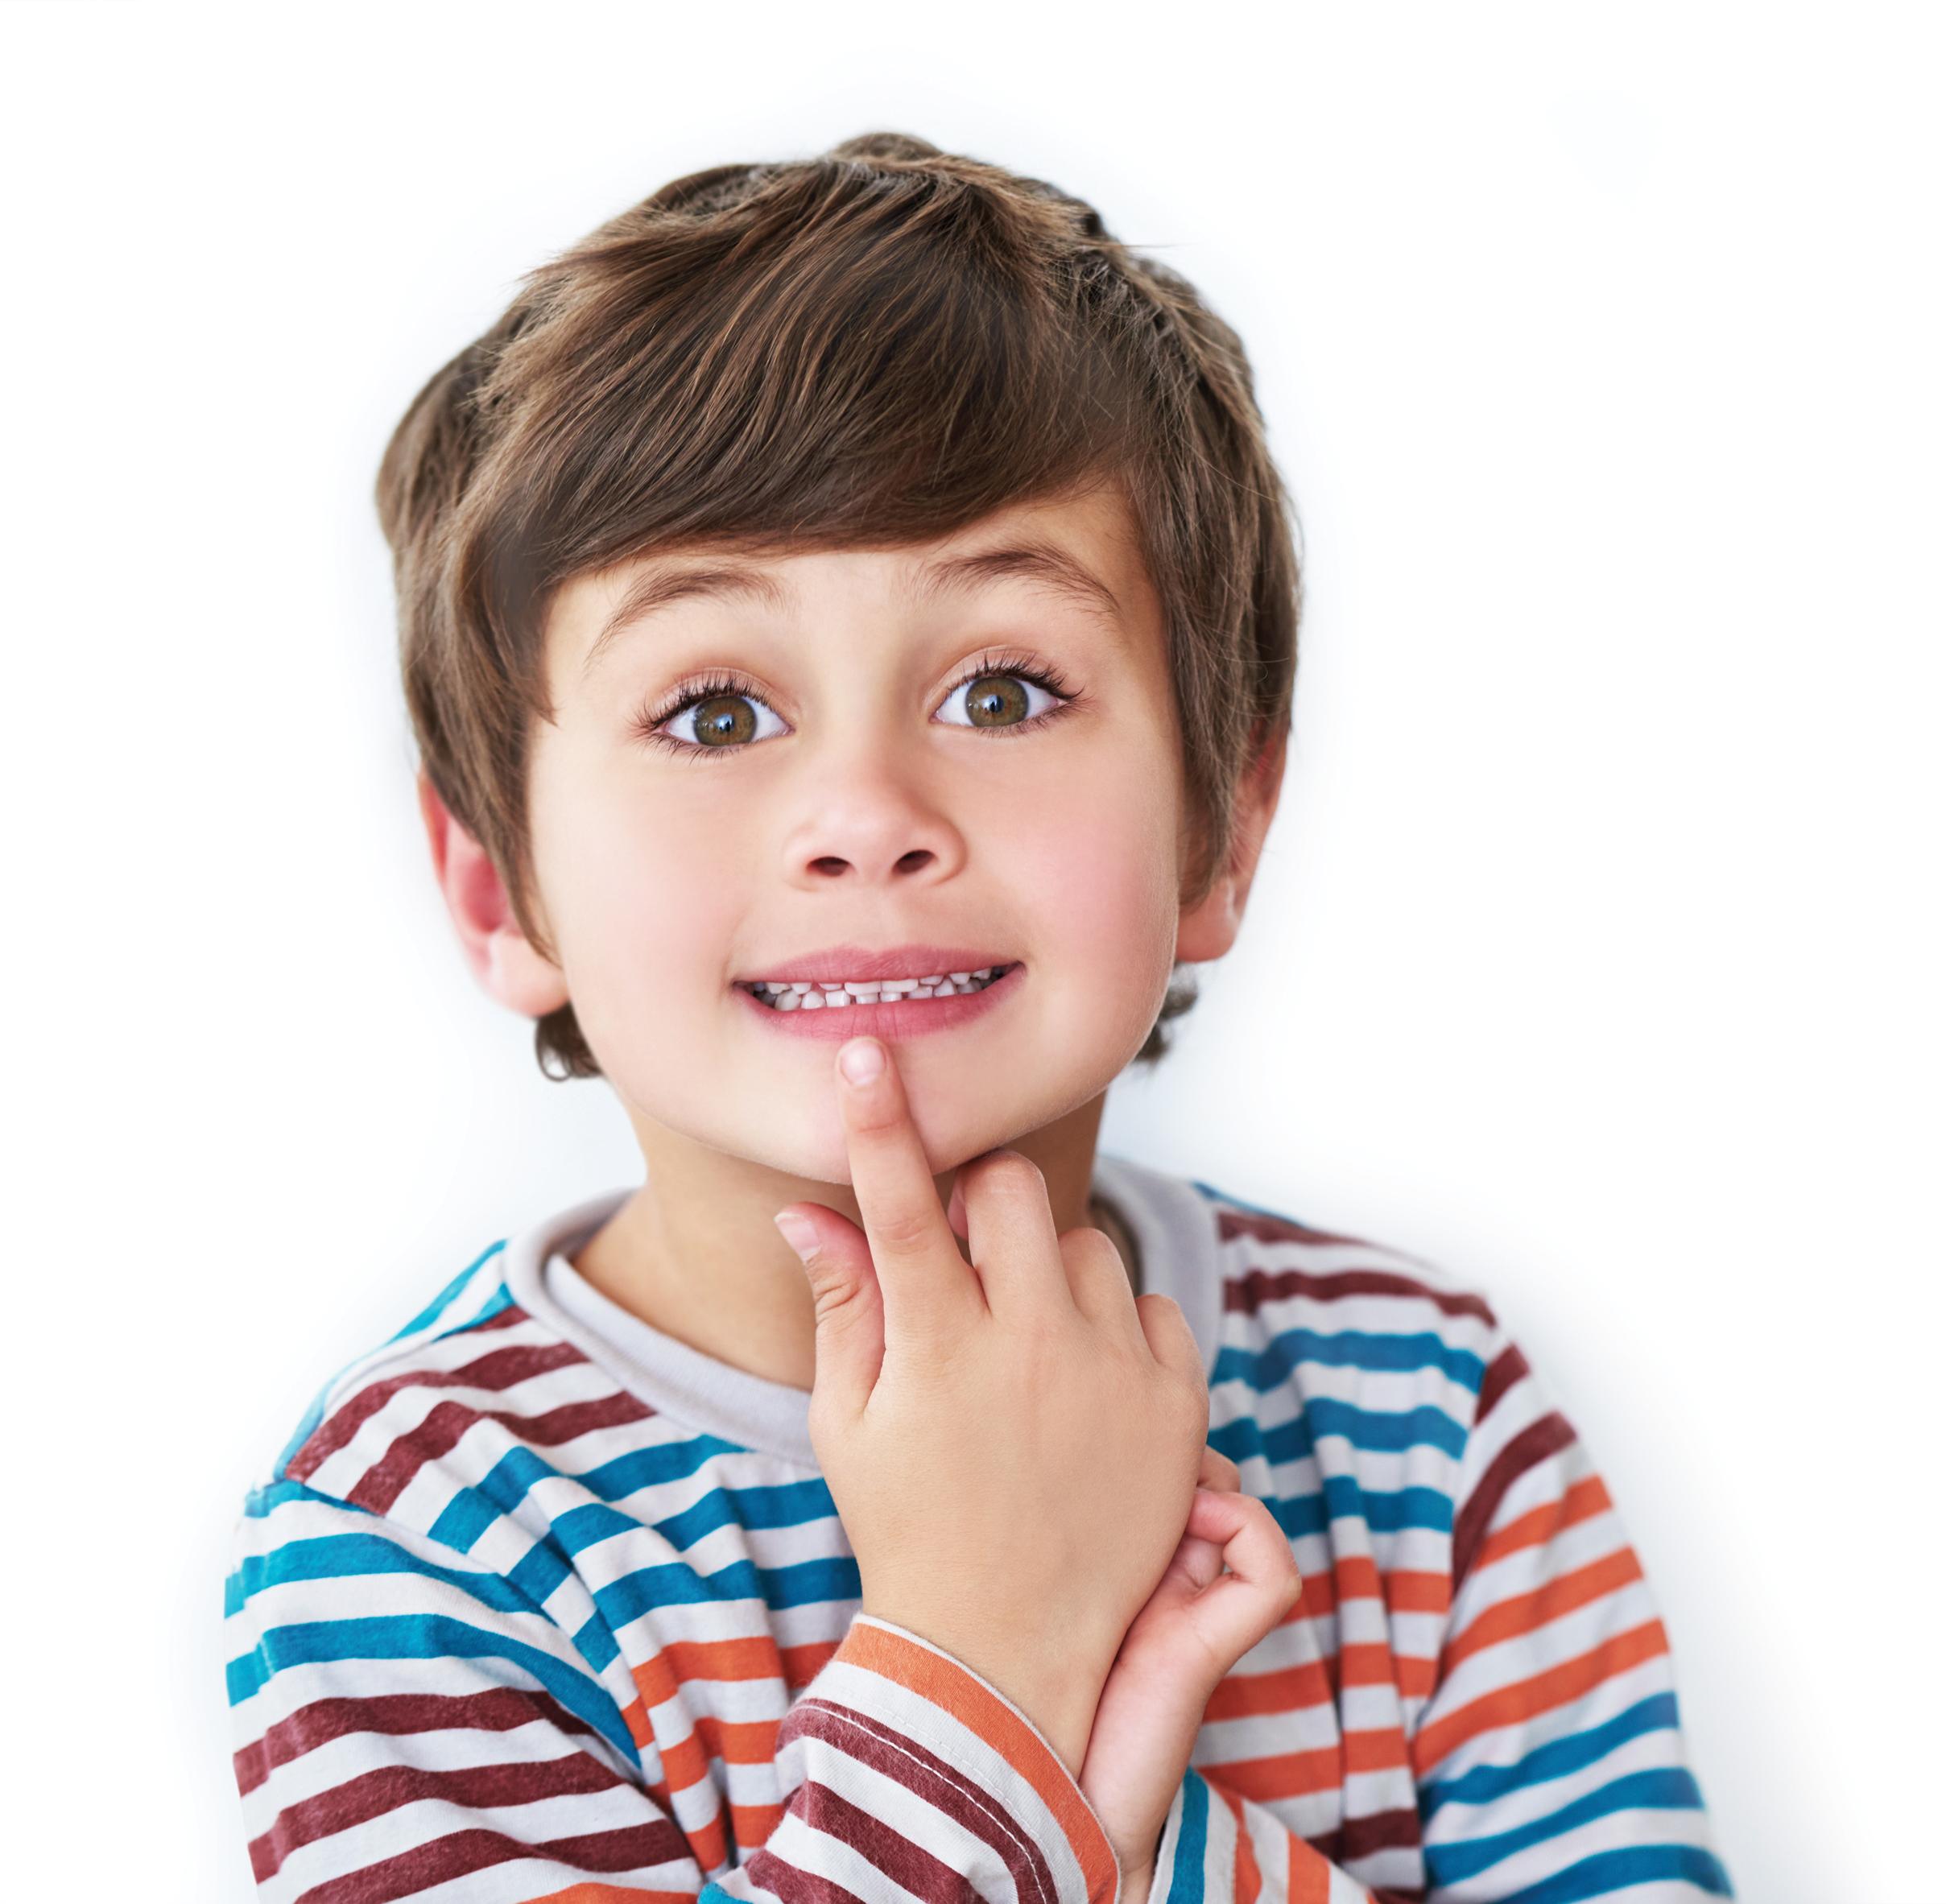 Hình ảnh trẻ em bé trai có đôi mắt rất đẹp